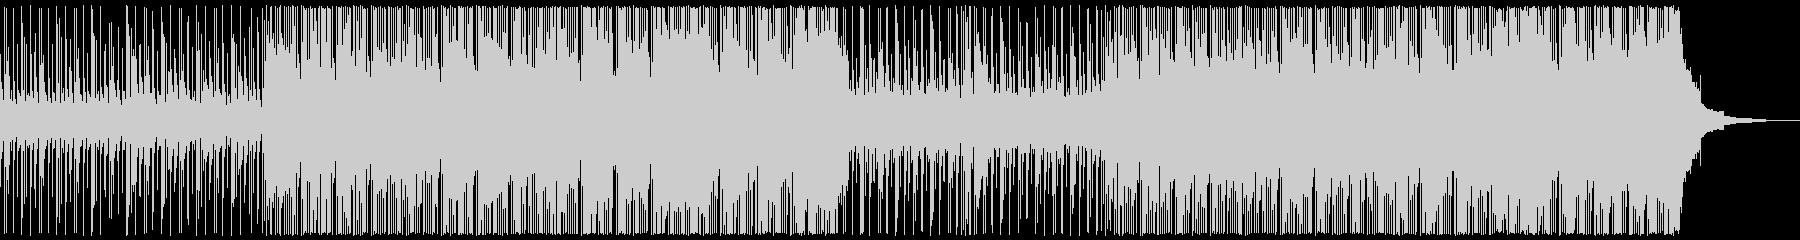 楽しいインディーポップの未再生の波形